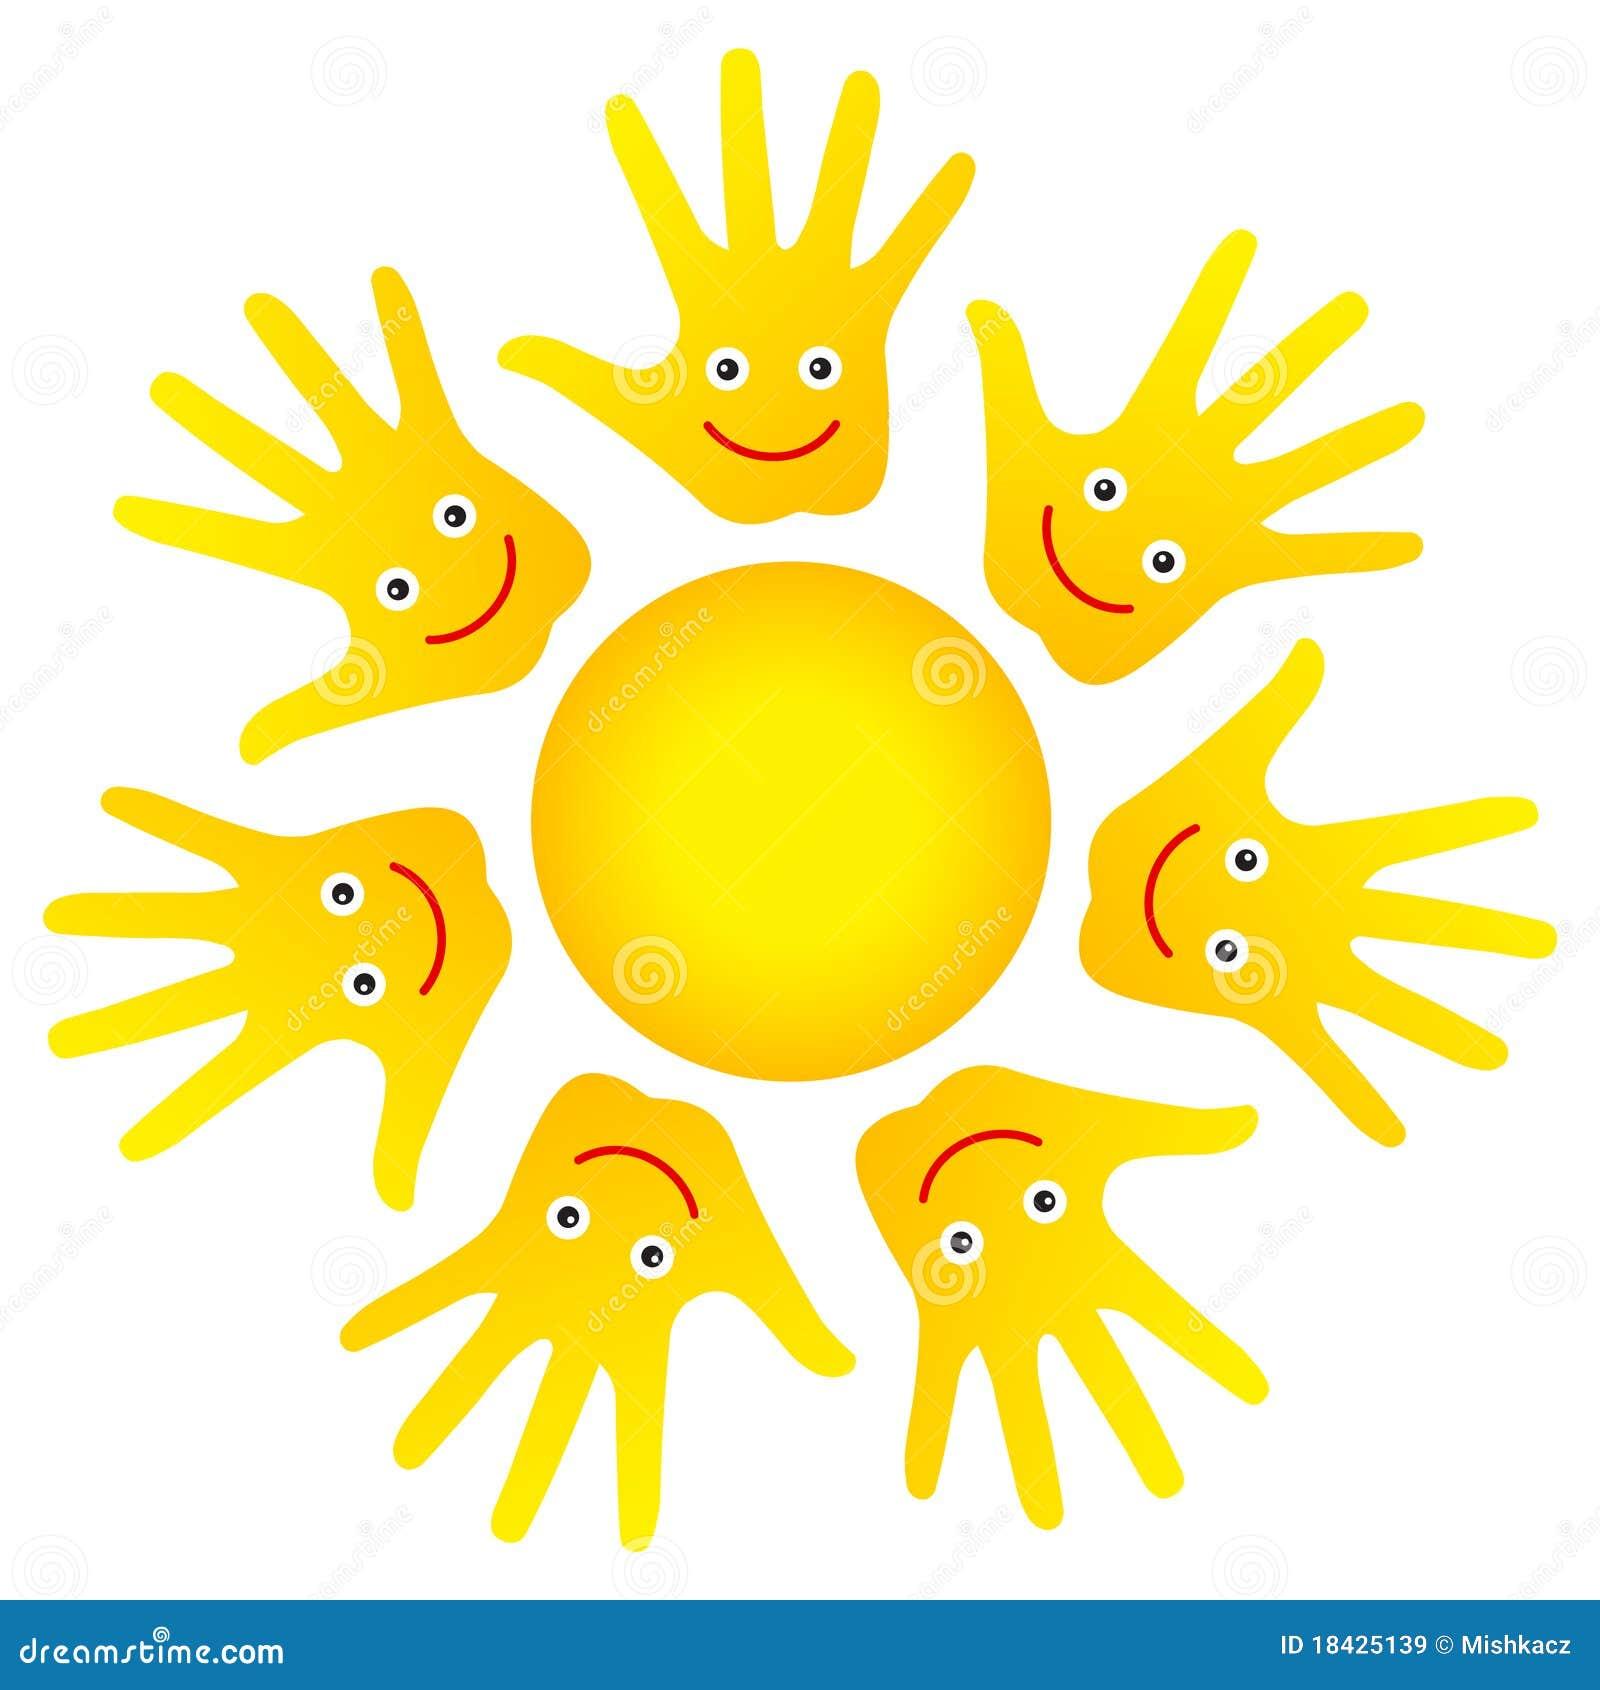 Картинки солнышко в ладошках на прозрачном фоне